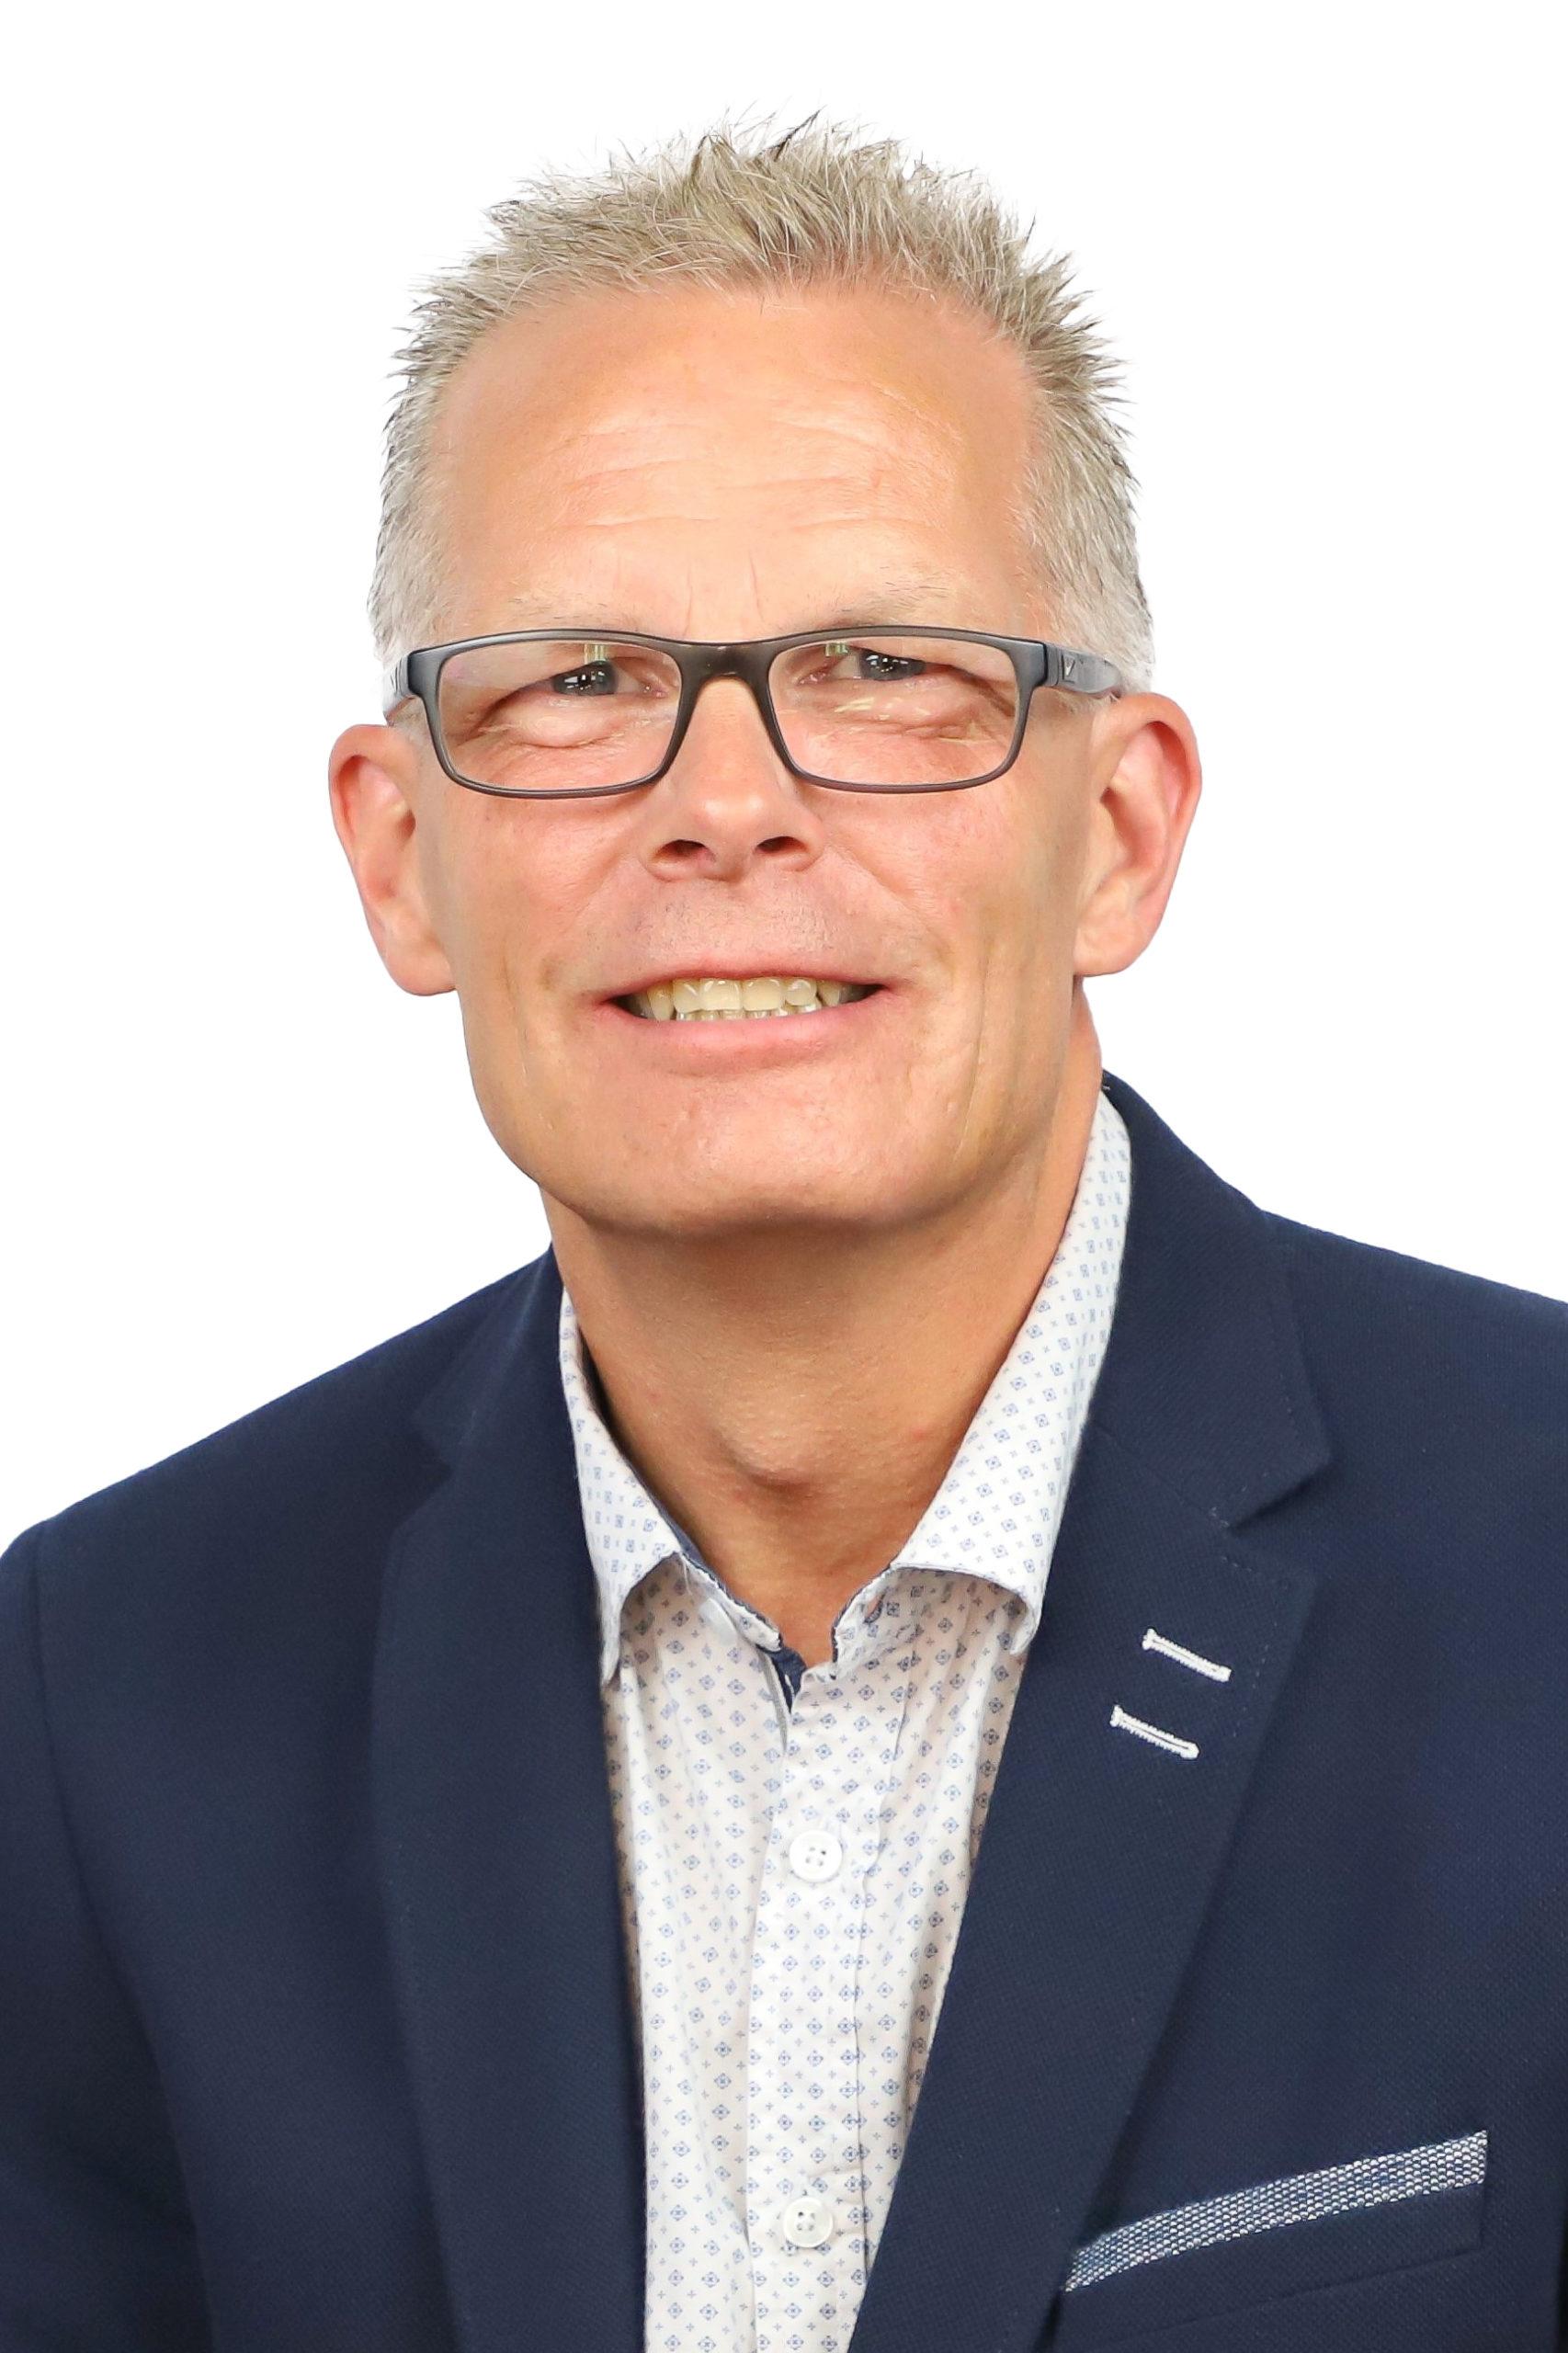 Martin Michels